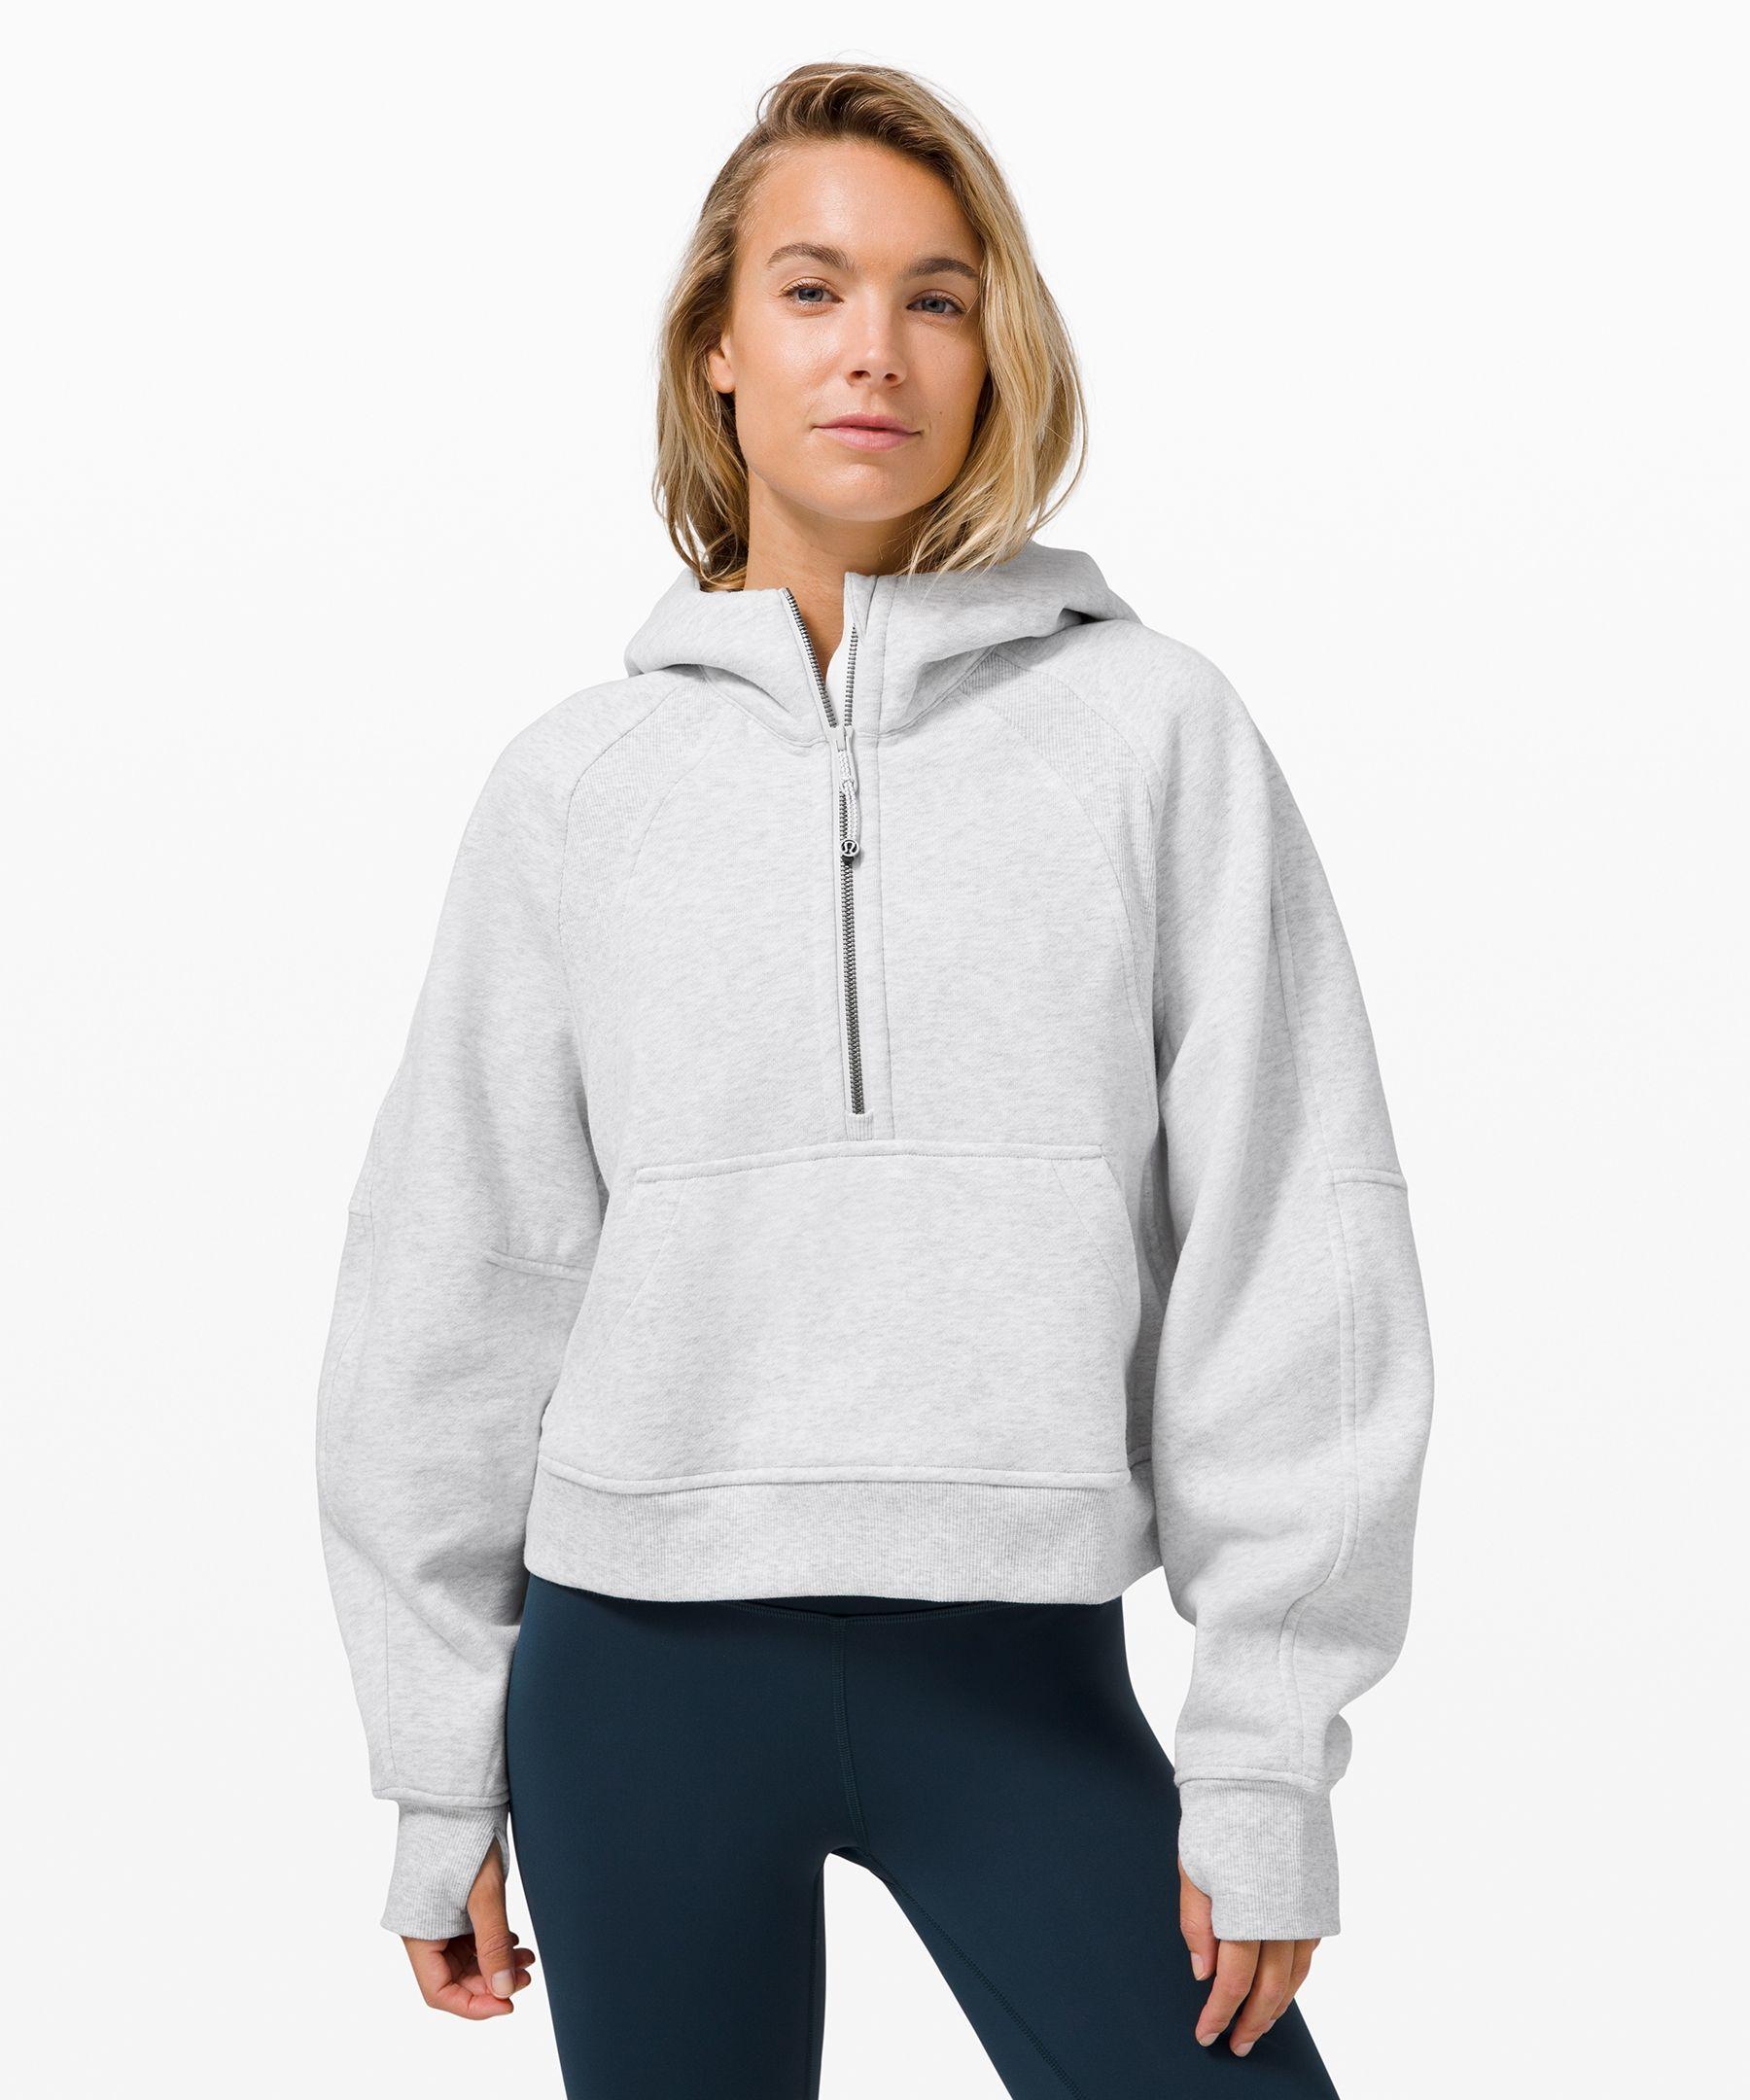 Scuba Oversized 1 2 Zip Hoodie Women S Hoodies Sweatshirts Lululemon In 2021 Women Hoodies Sweatshirts Hoodies Womens Sweatshirts Hoodie [ 2160 x 1800 Pixel ]